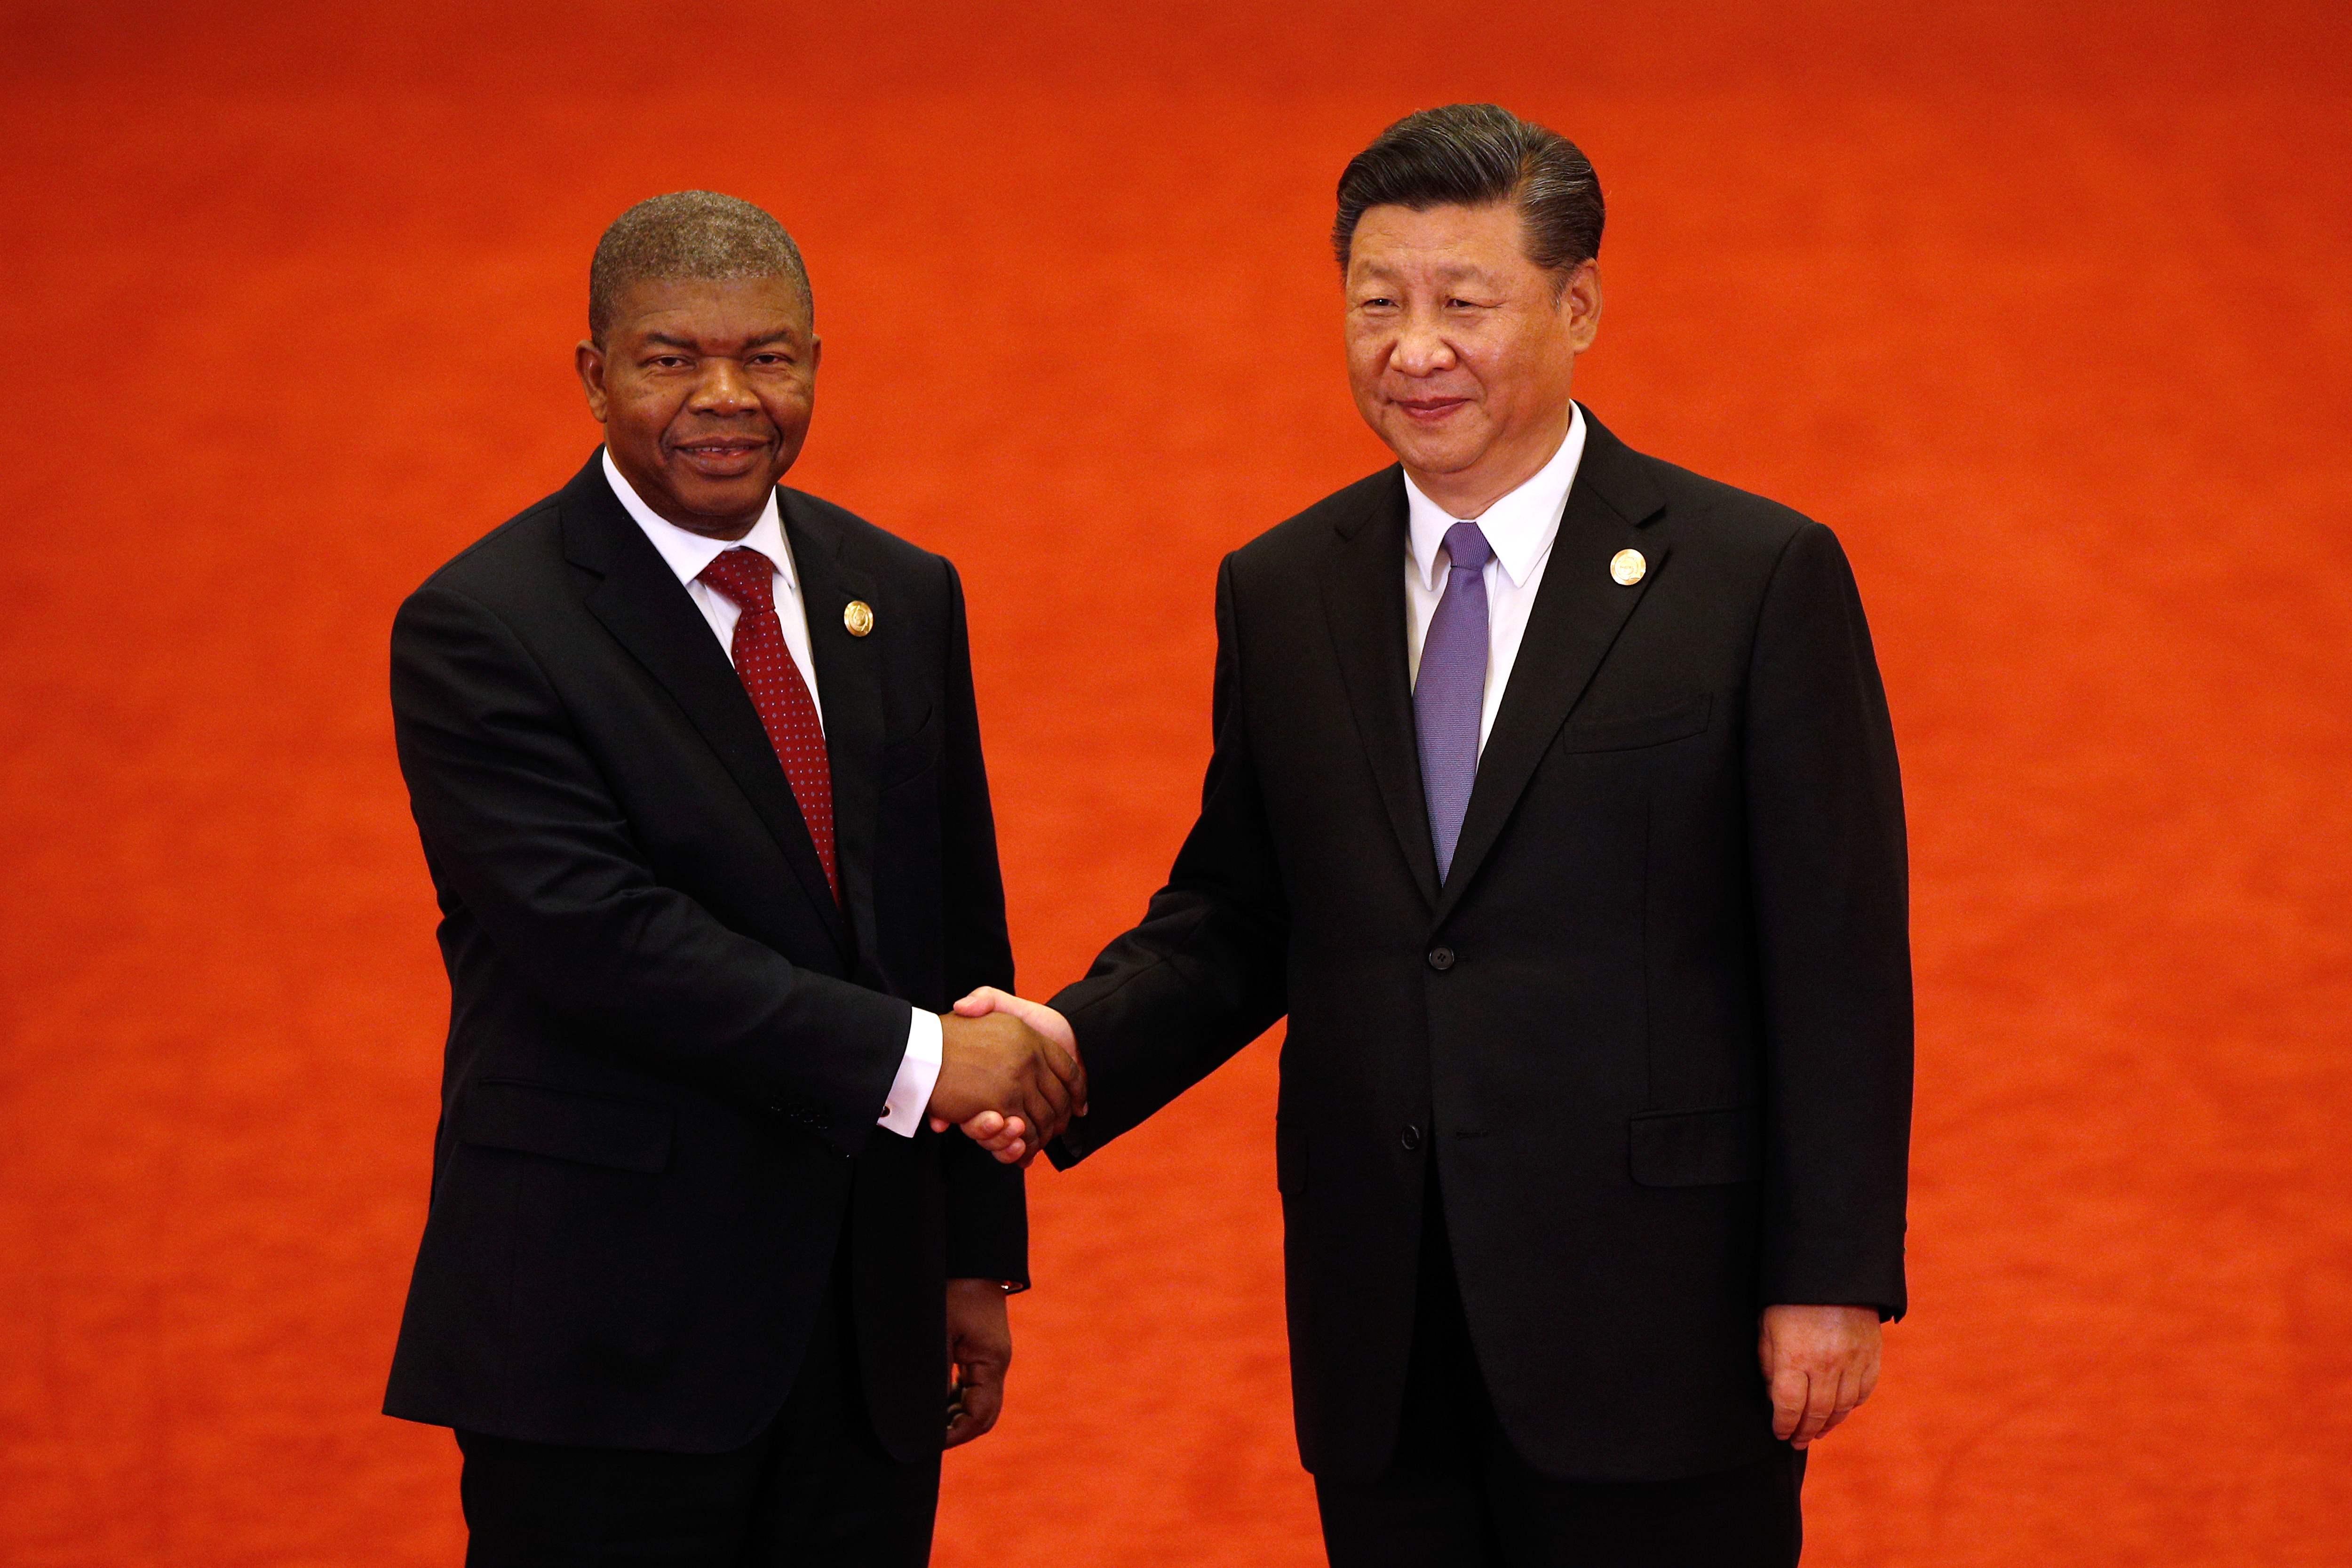 رئيس أنجولا ورئيس الصين